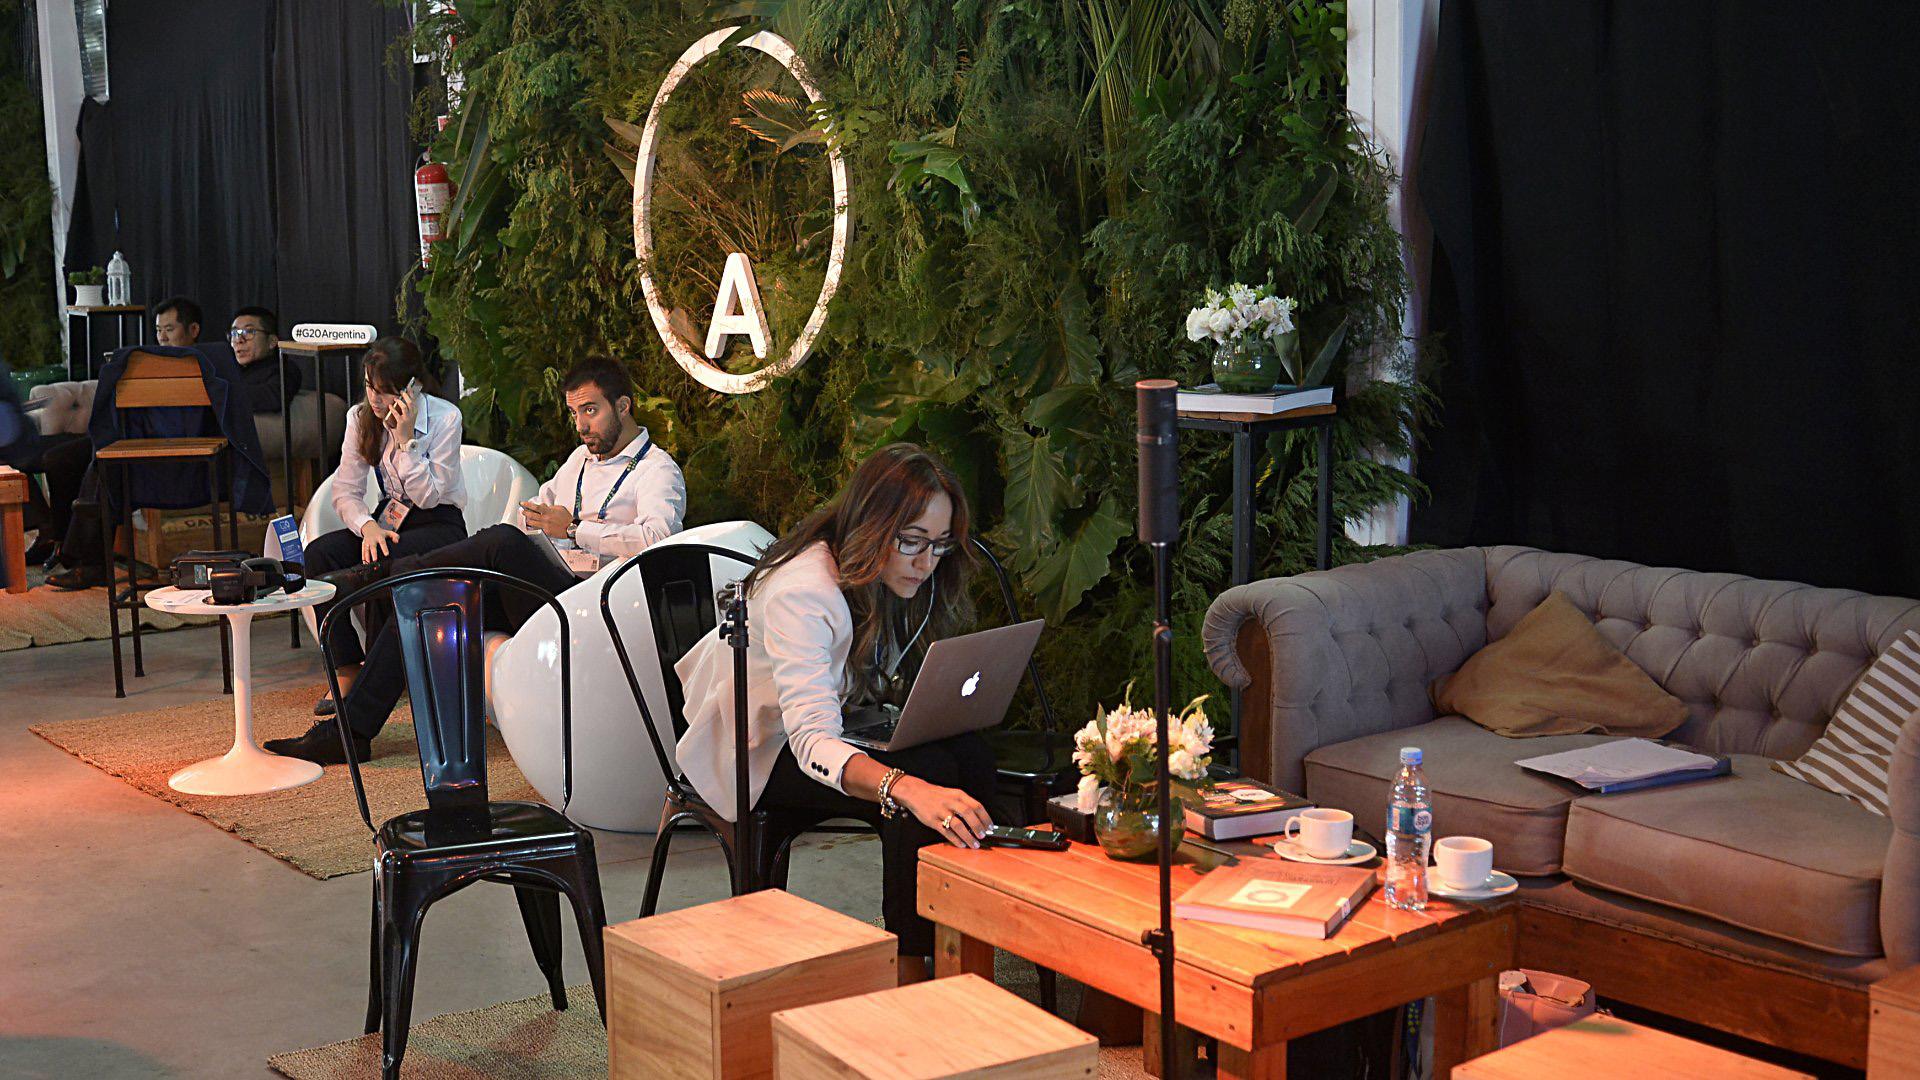 """El predio cuenta con un espacio de relax o """"lounge"""", según los organizadores"""